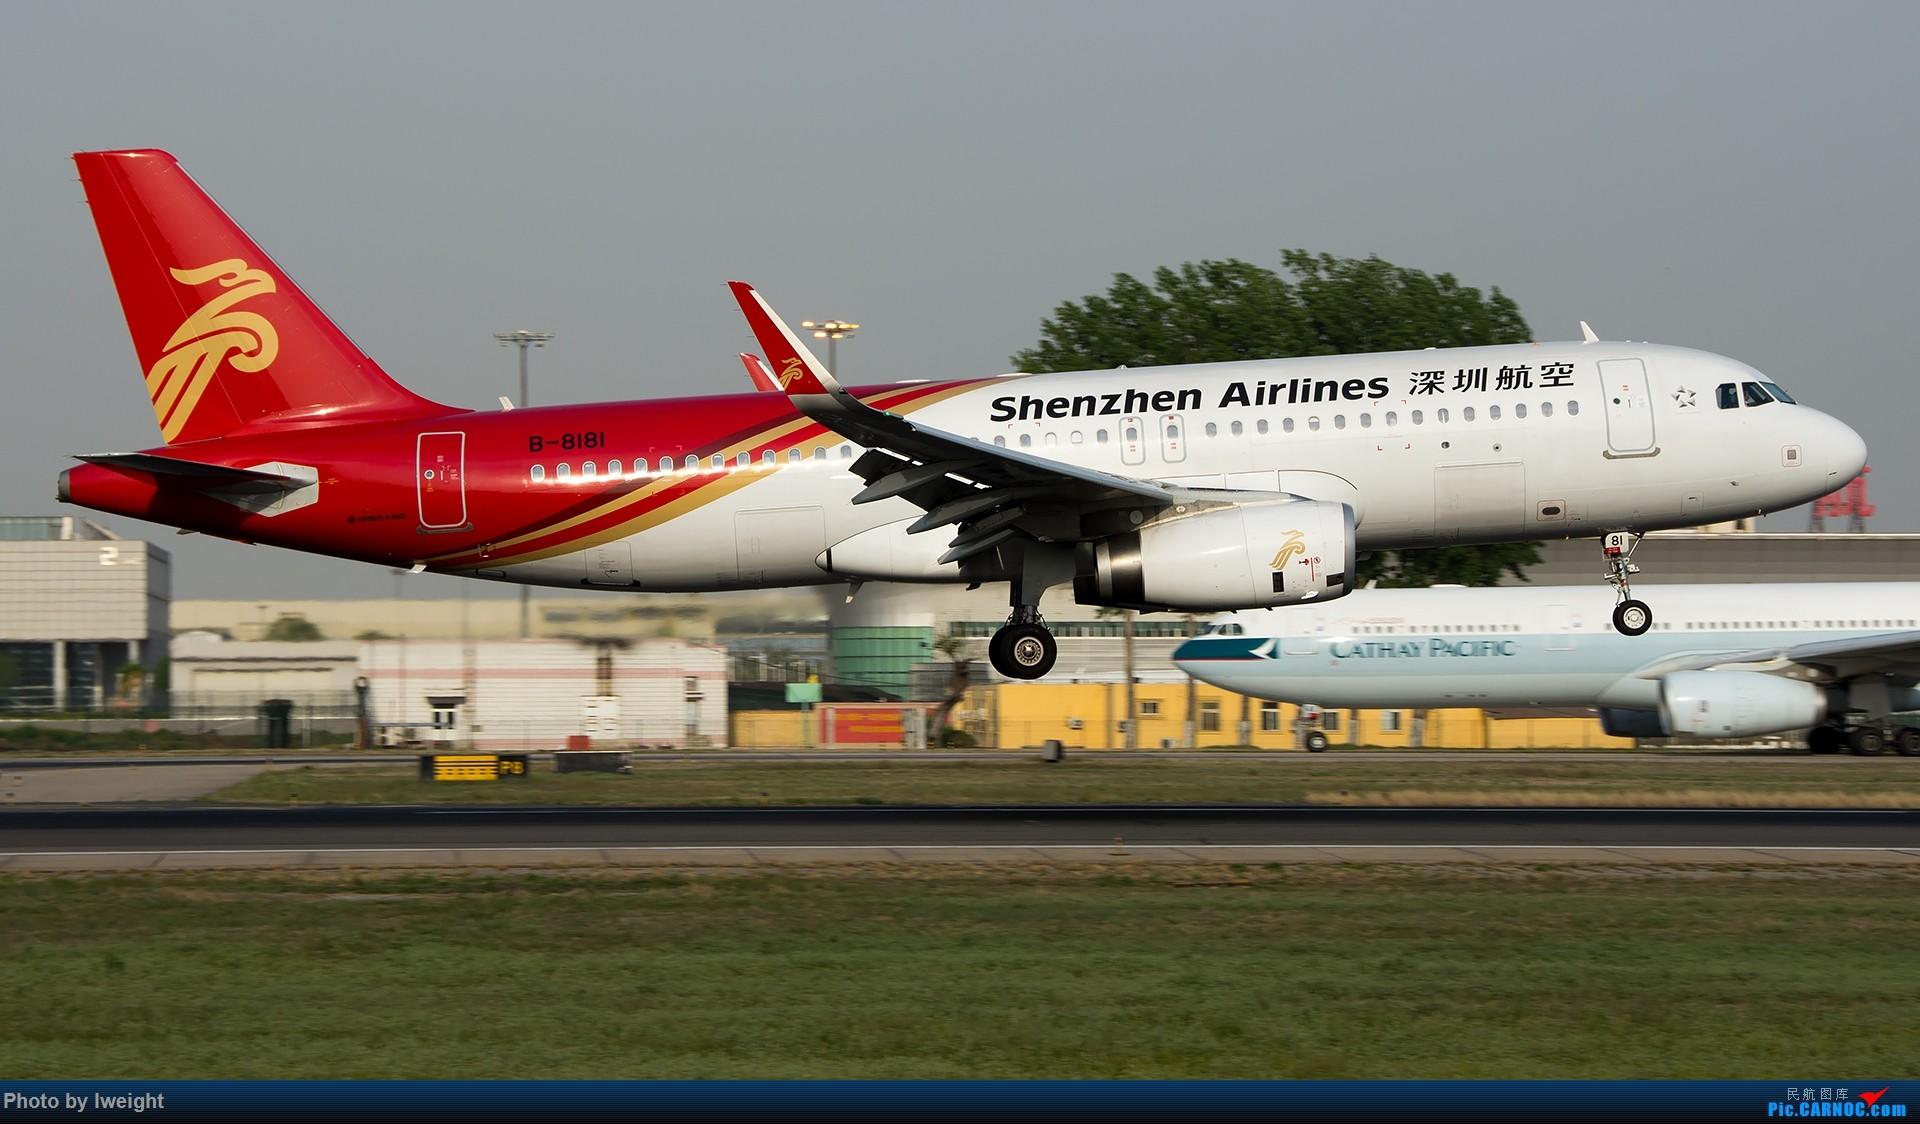 Re:[原创]天气晴朗,继续守候18R【多图】 AIRBUS A320-200 B-8181 中国北京首都国际机场